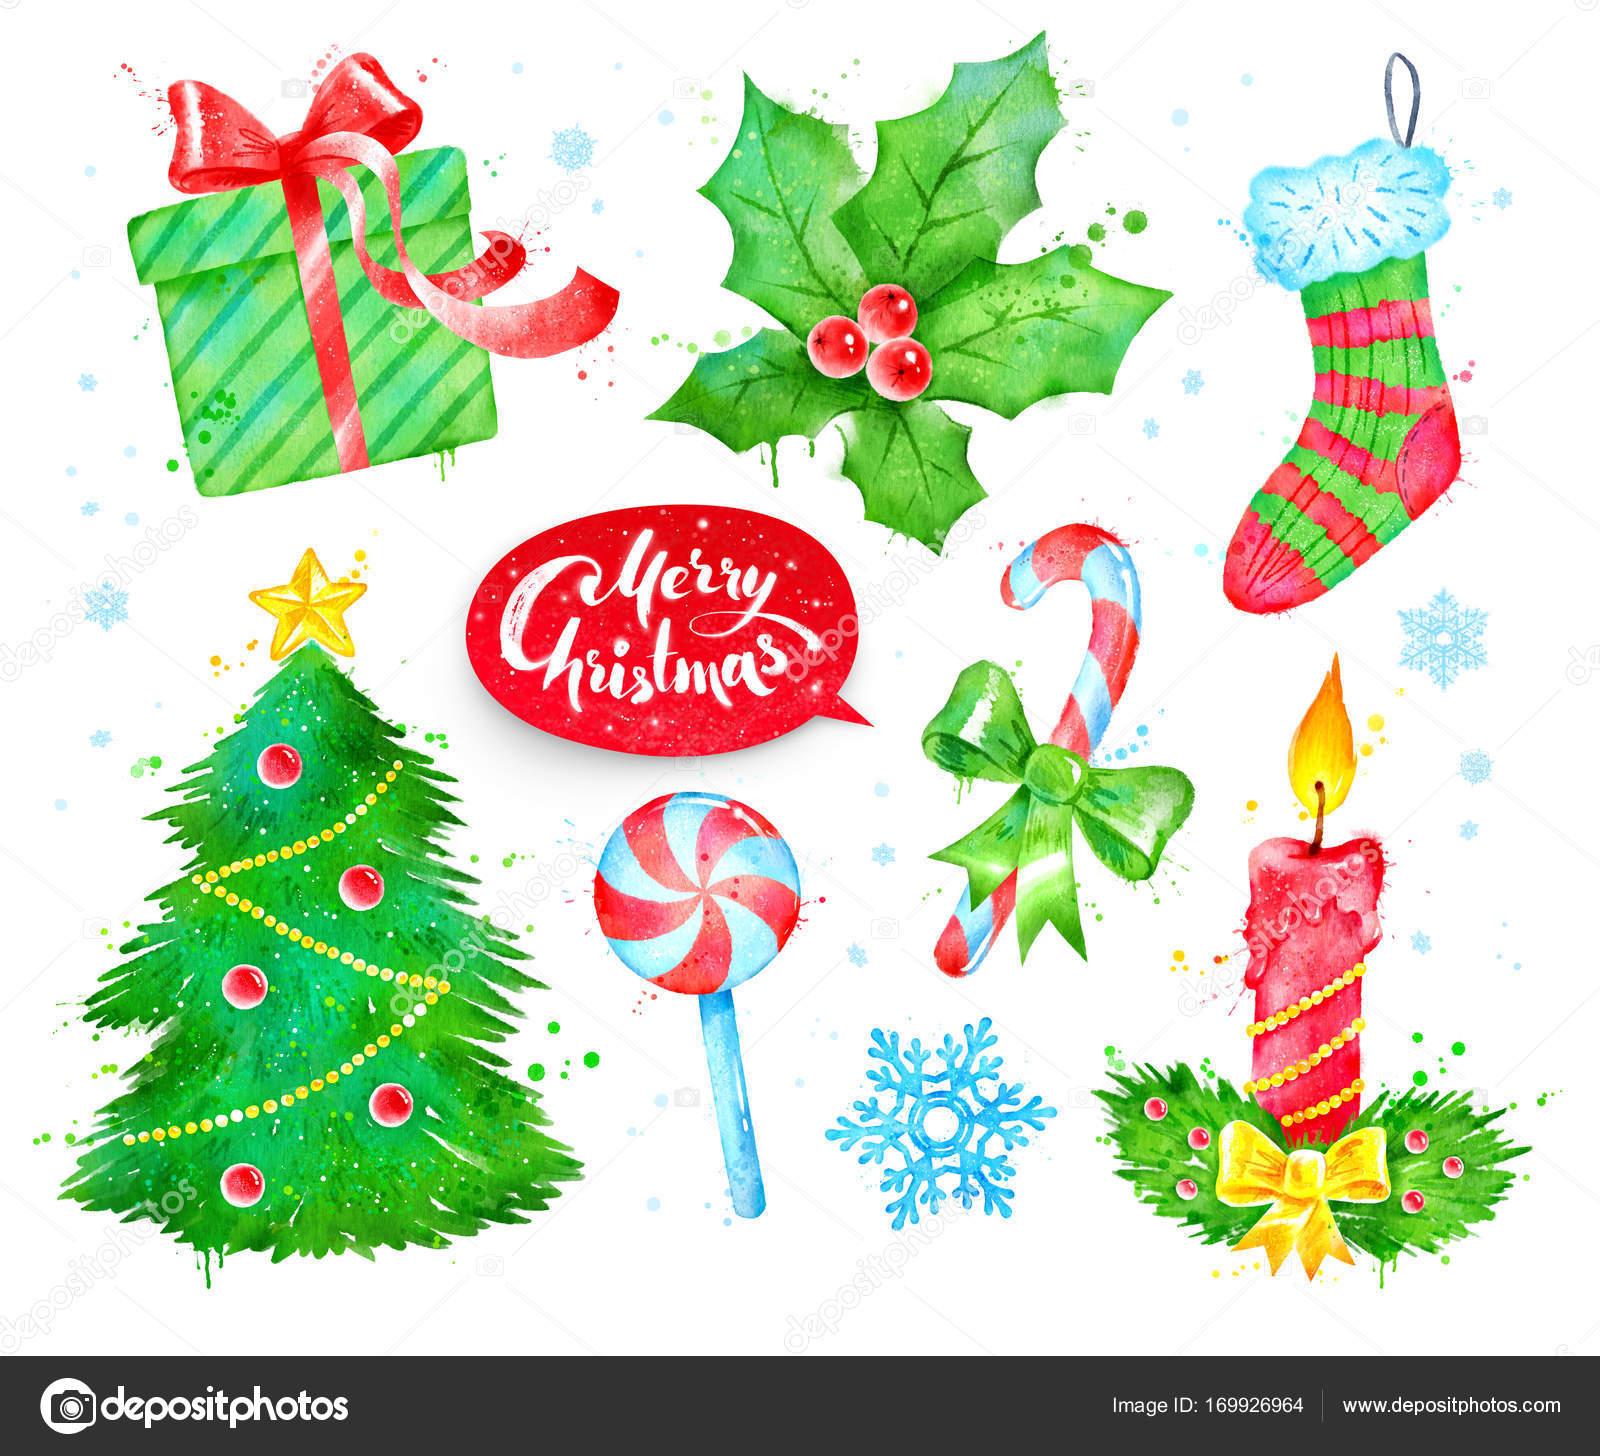 I Simboli Del Natale.Acquerello Con Simboli Di Natale Foto Stock